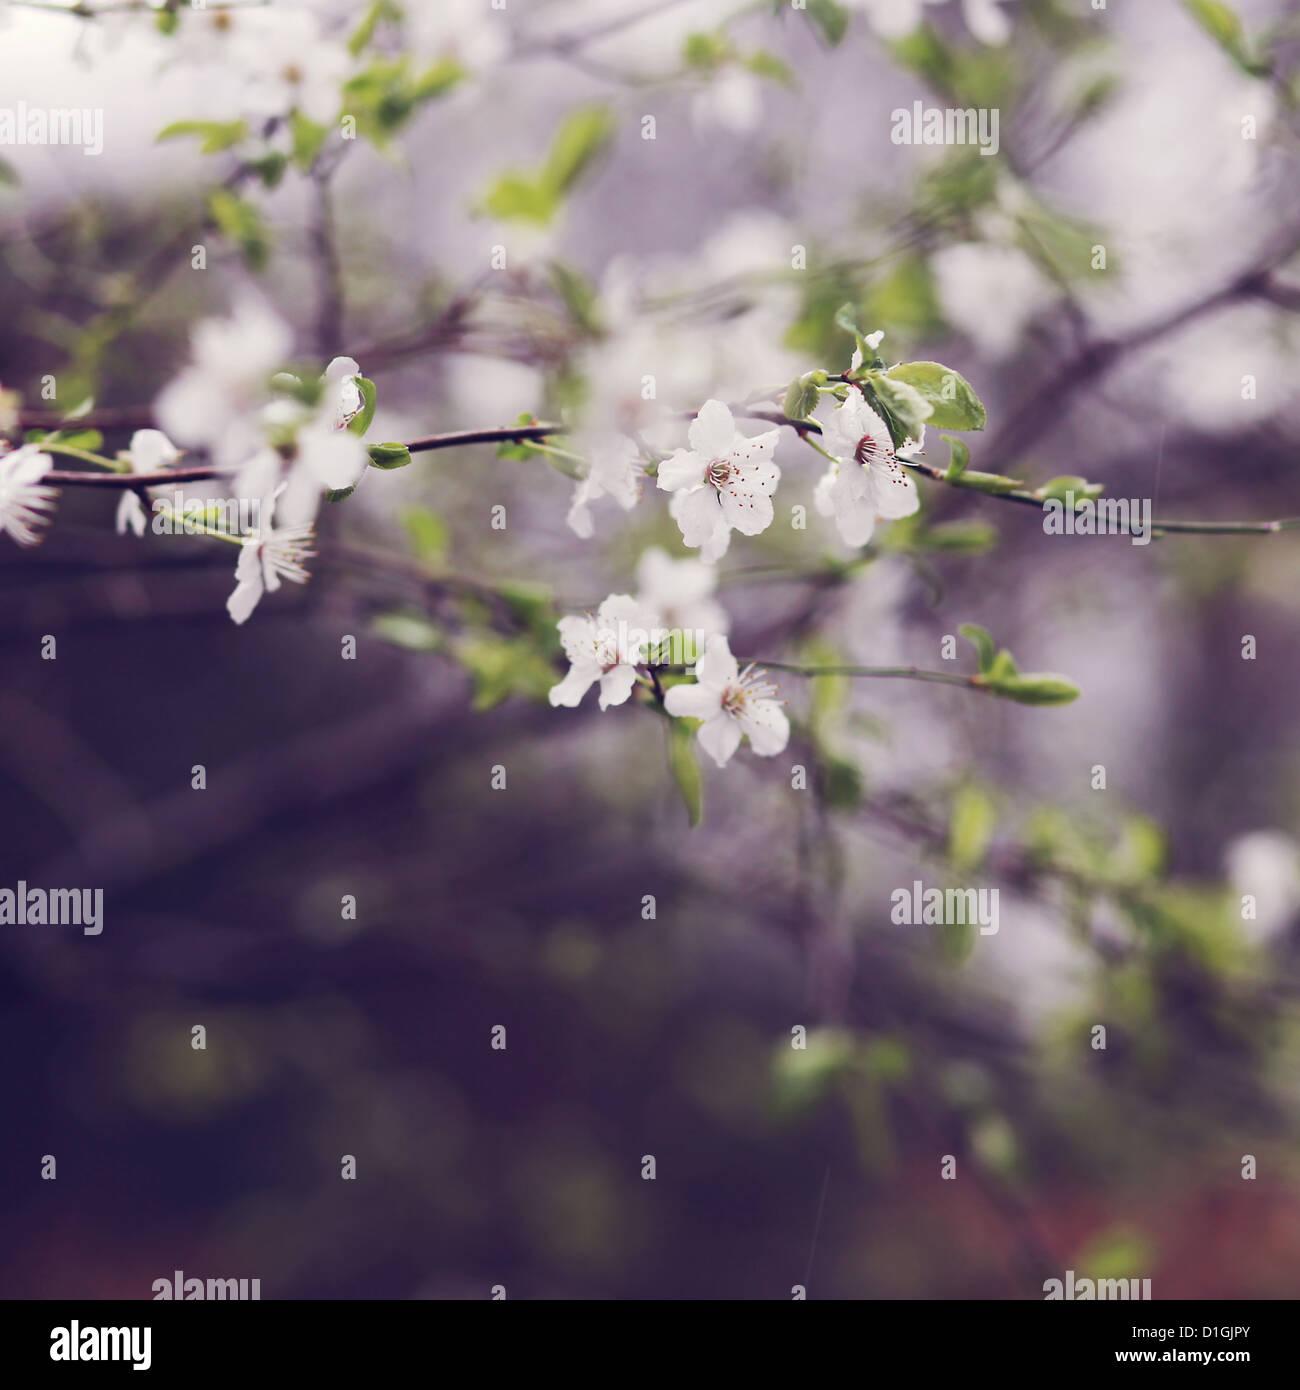 Nahaufnahme von Kirschblüten in voller Blüte Stockbild